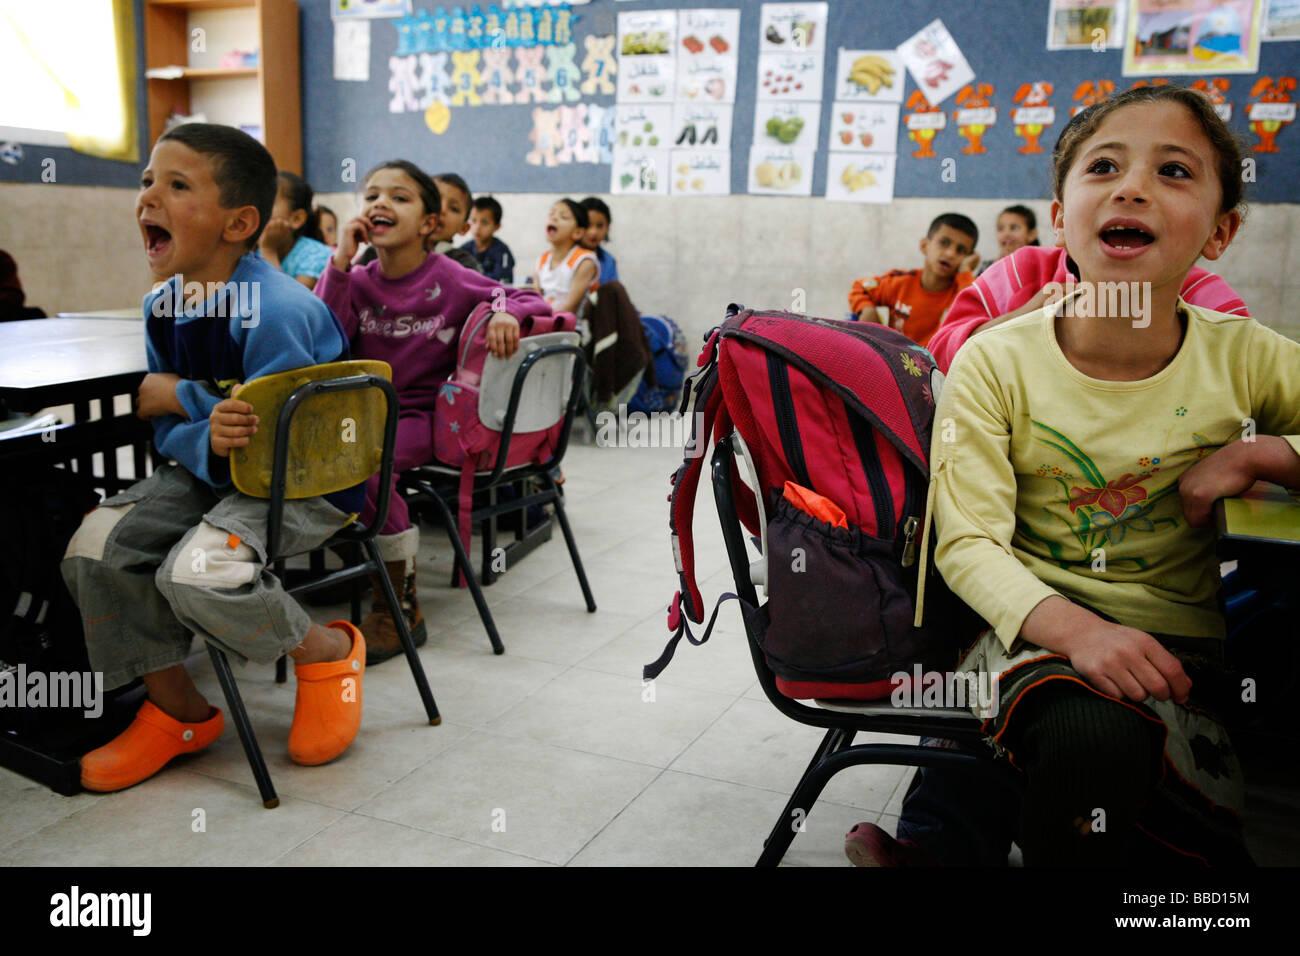 Children at the Bedouin primary school of Al Ghazali, Rahat, Israel. - Stock Image